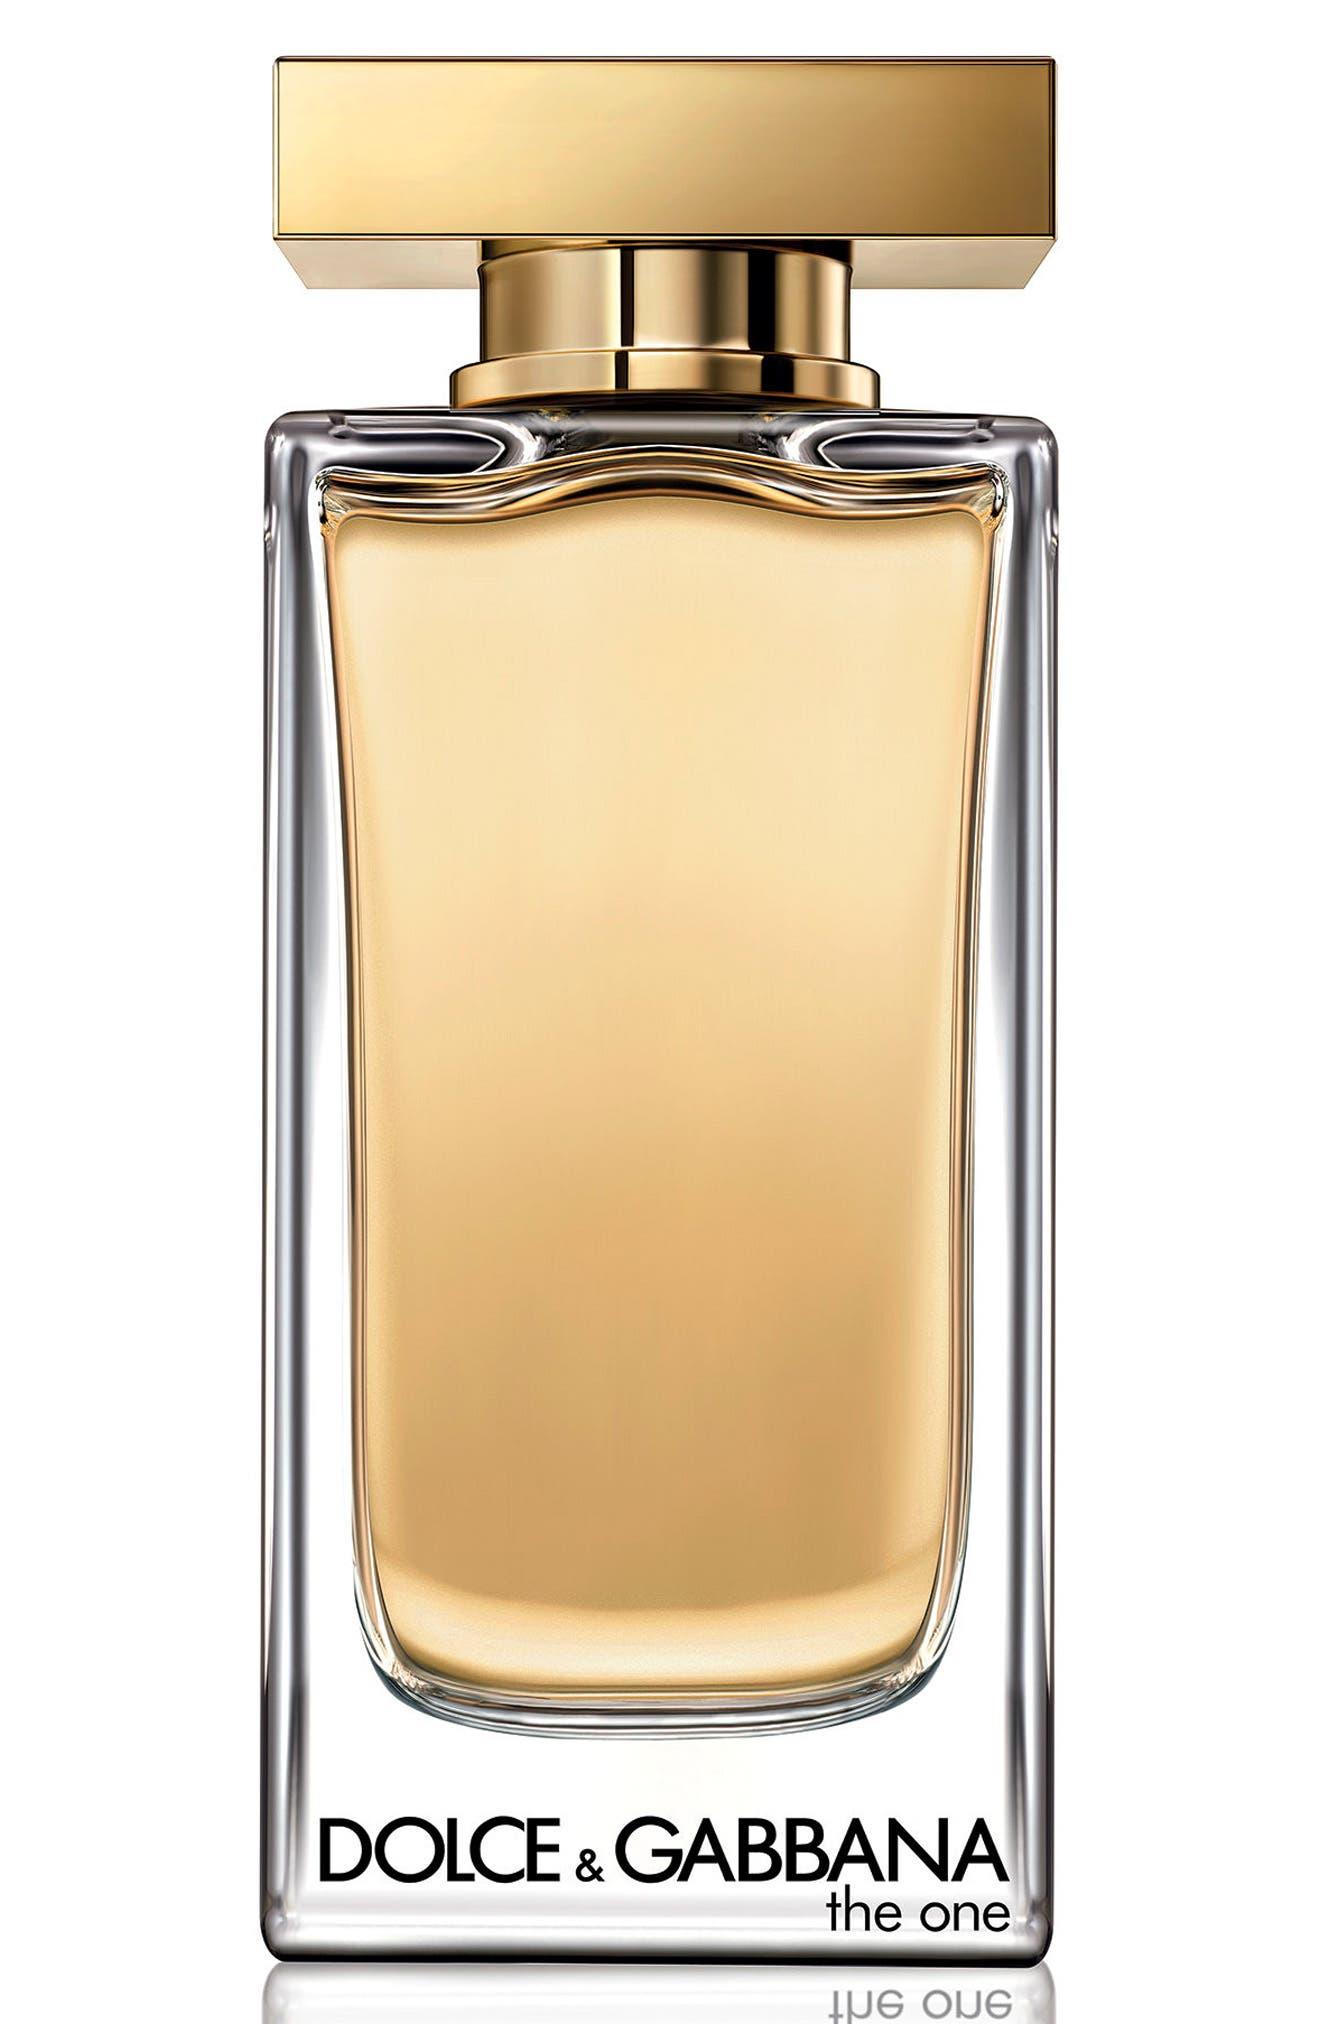 Dolce&Gabbana The One Eau de Toilette,                         Main,                         color, No Color